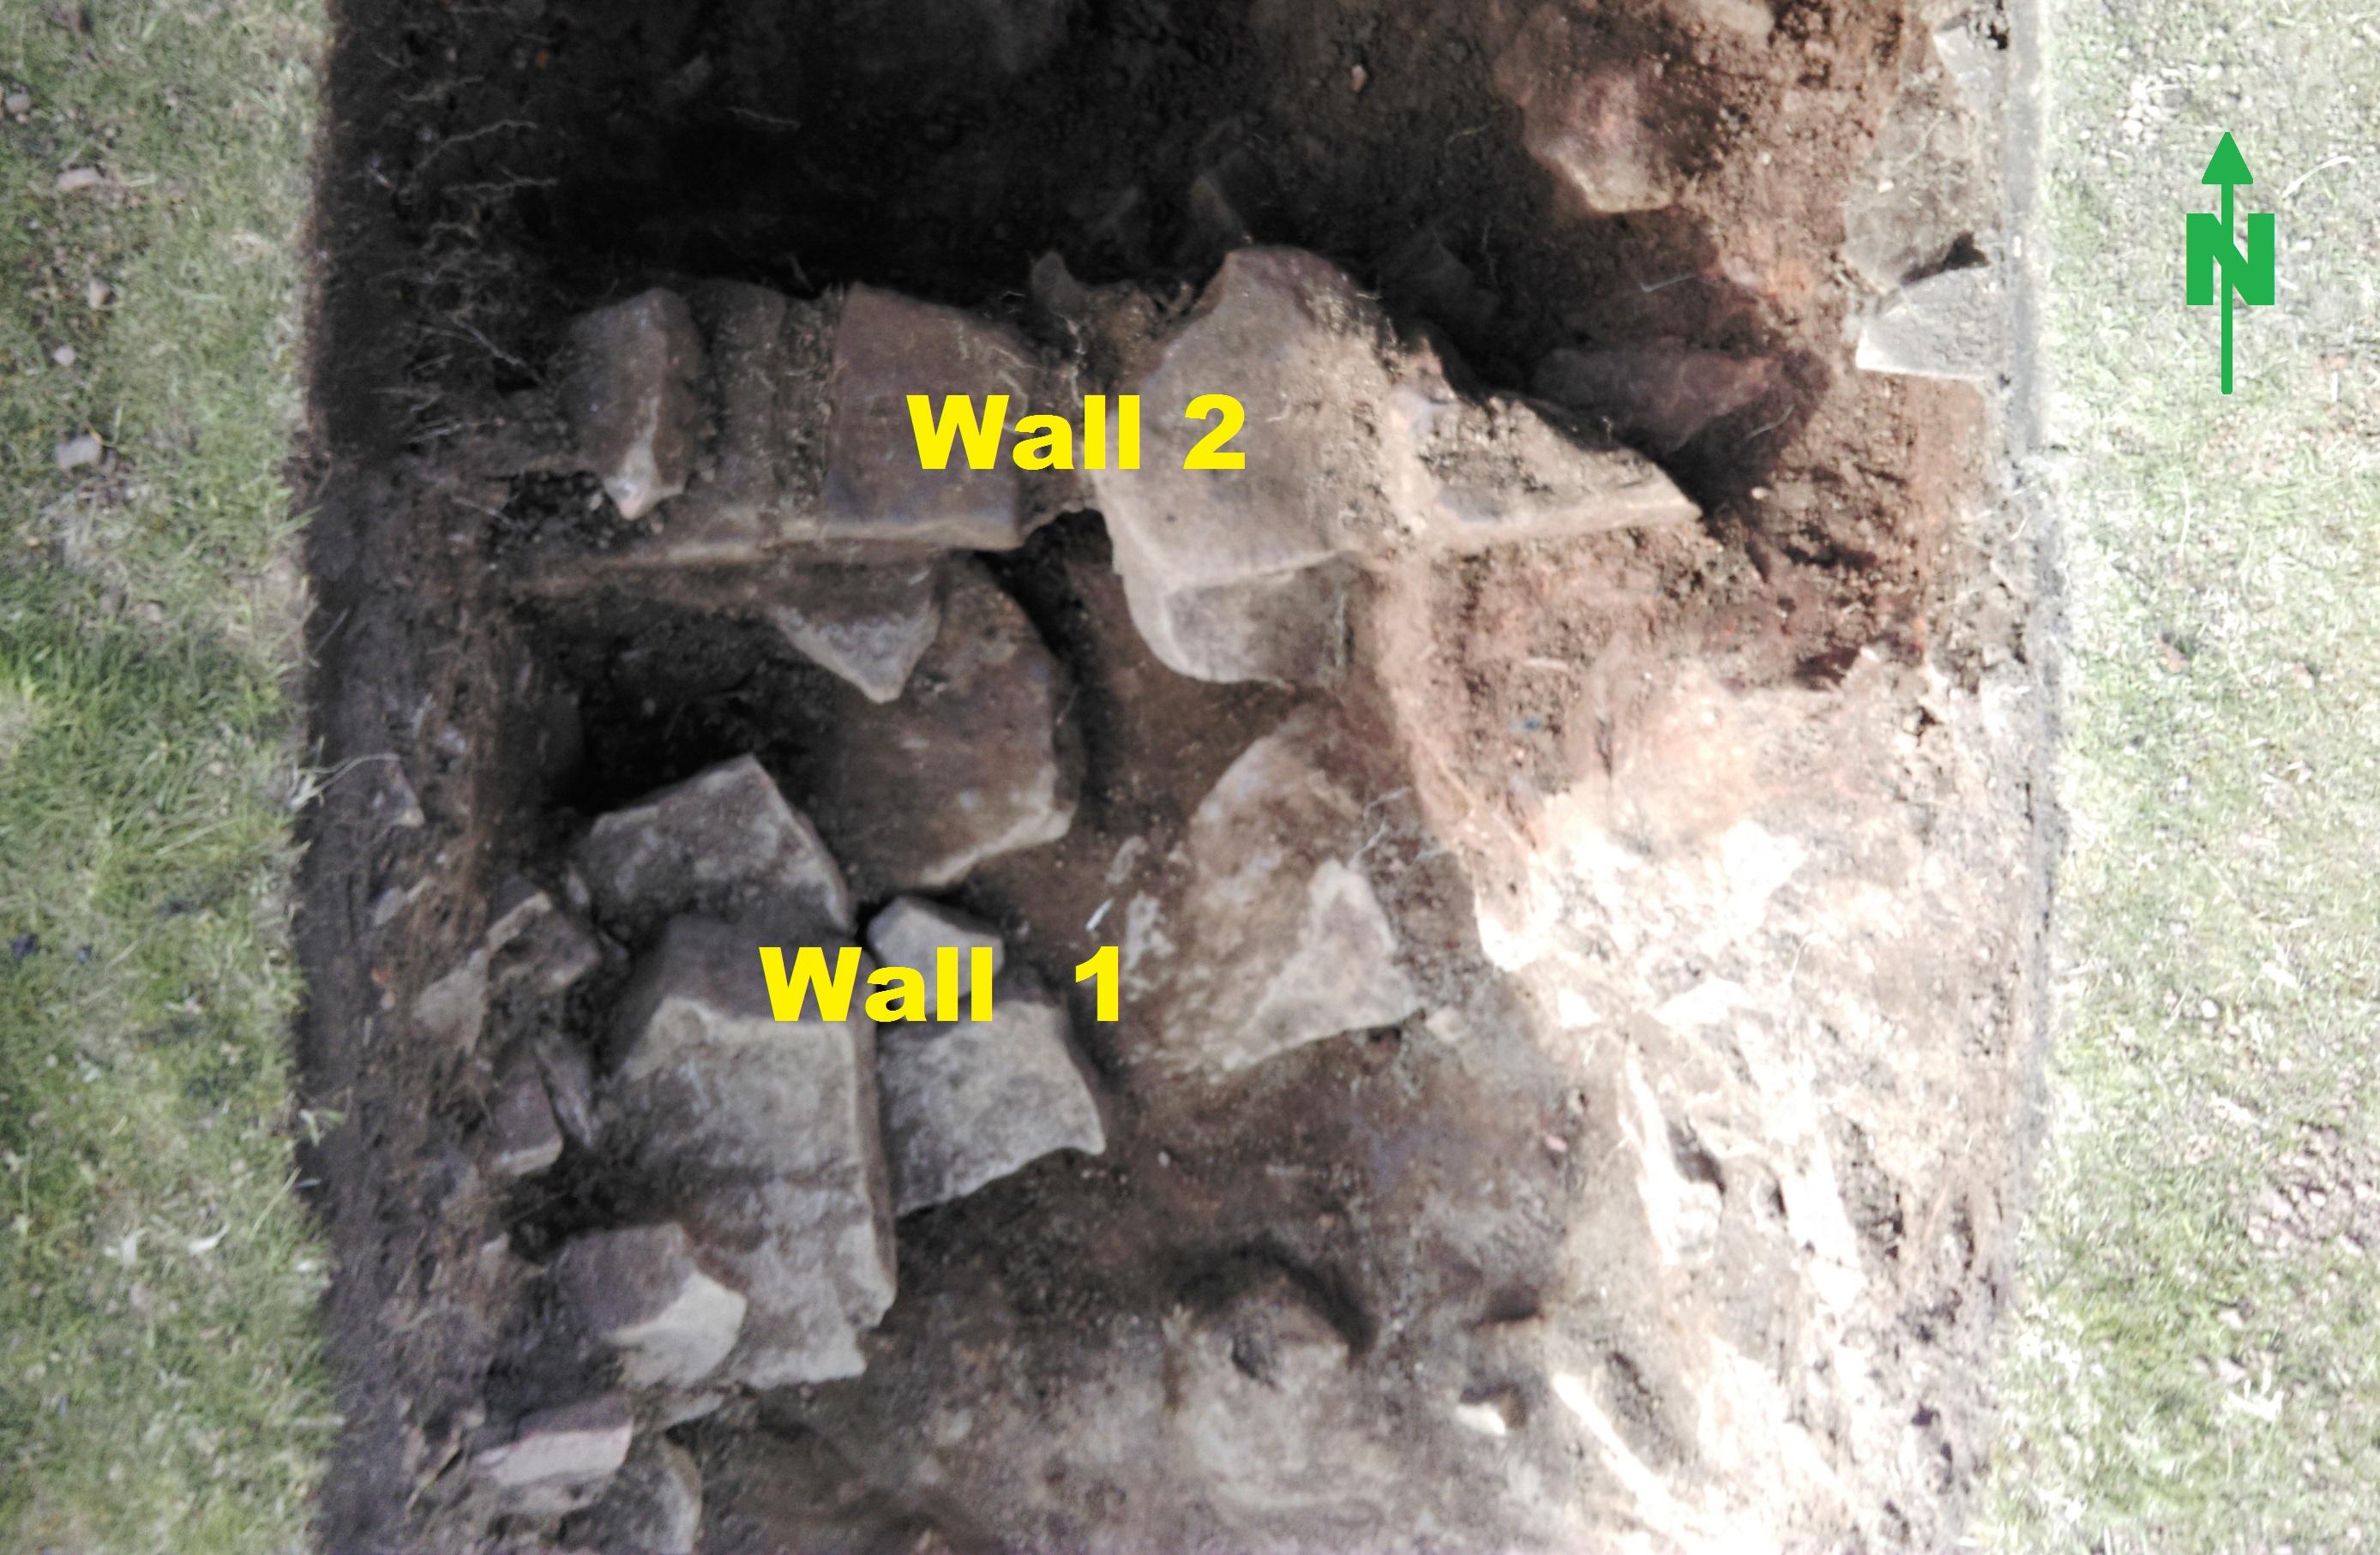 Wall 1 & 2